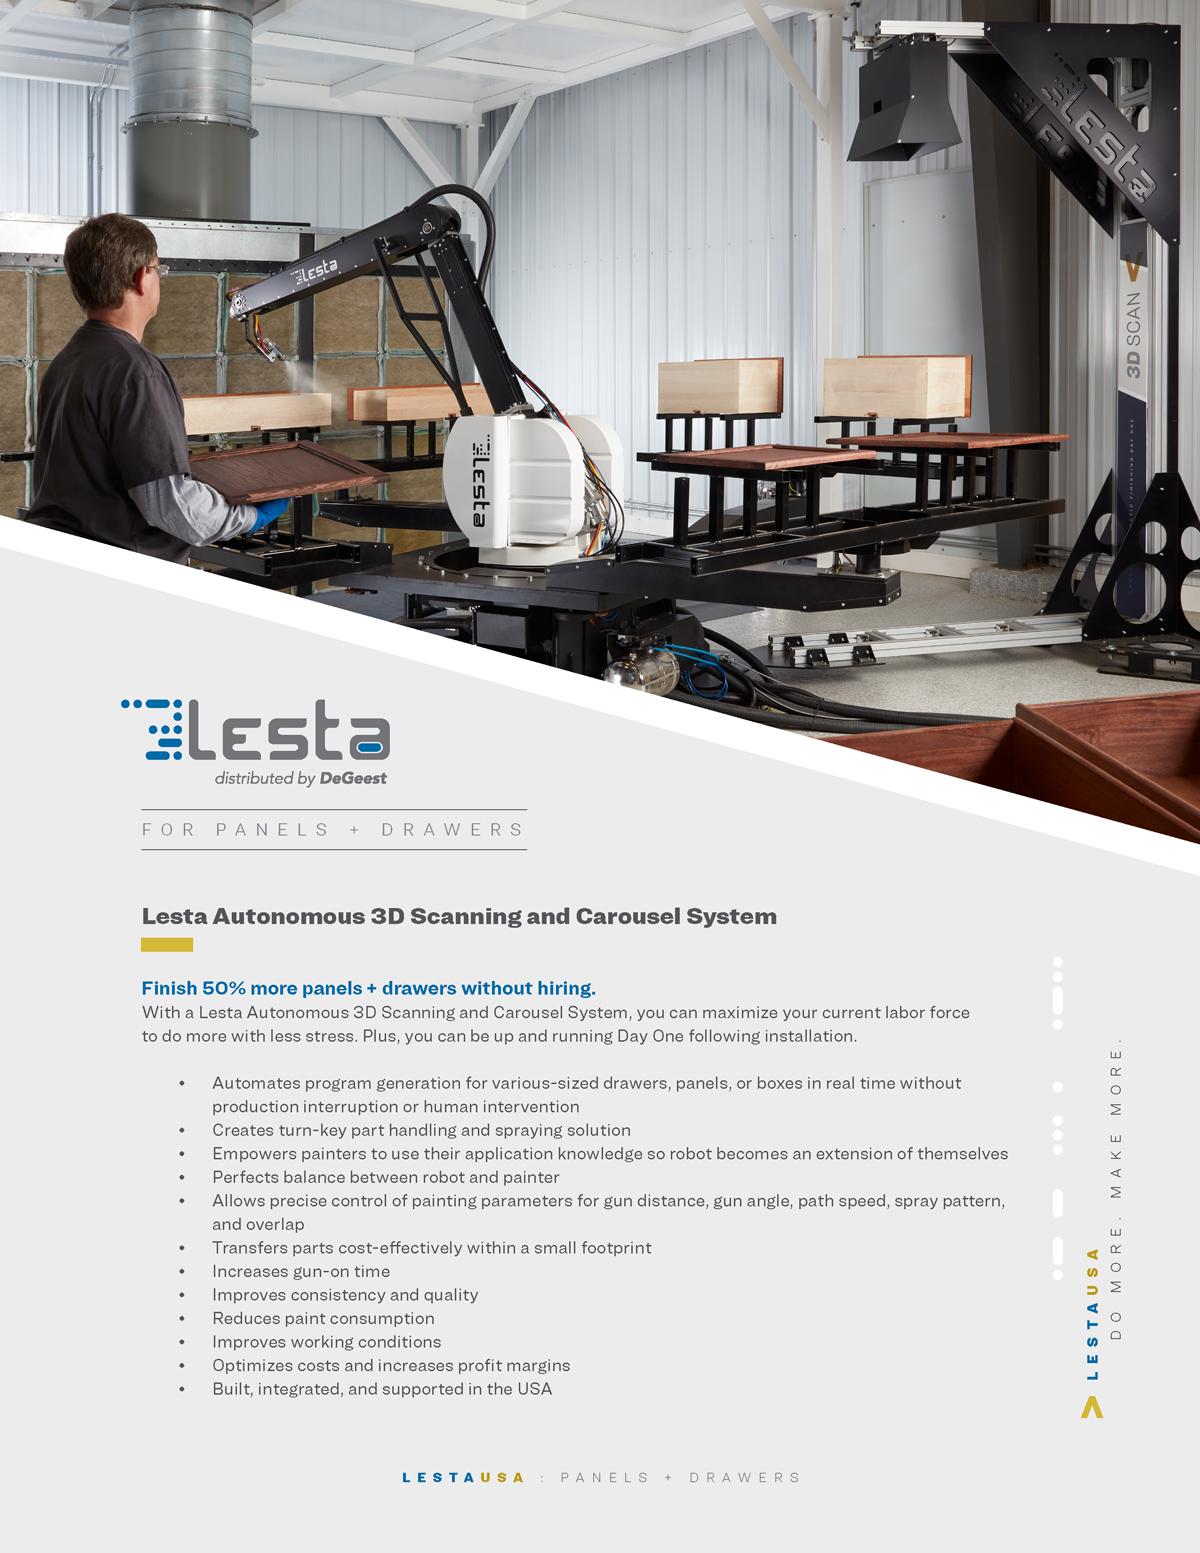 LestaUSA-Panels_Drawers